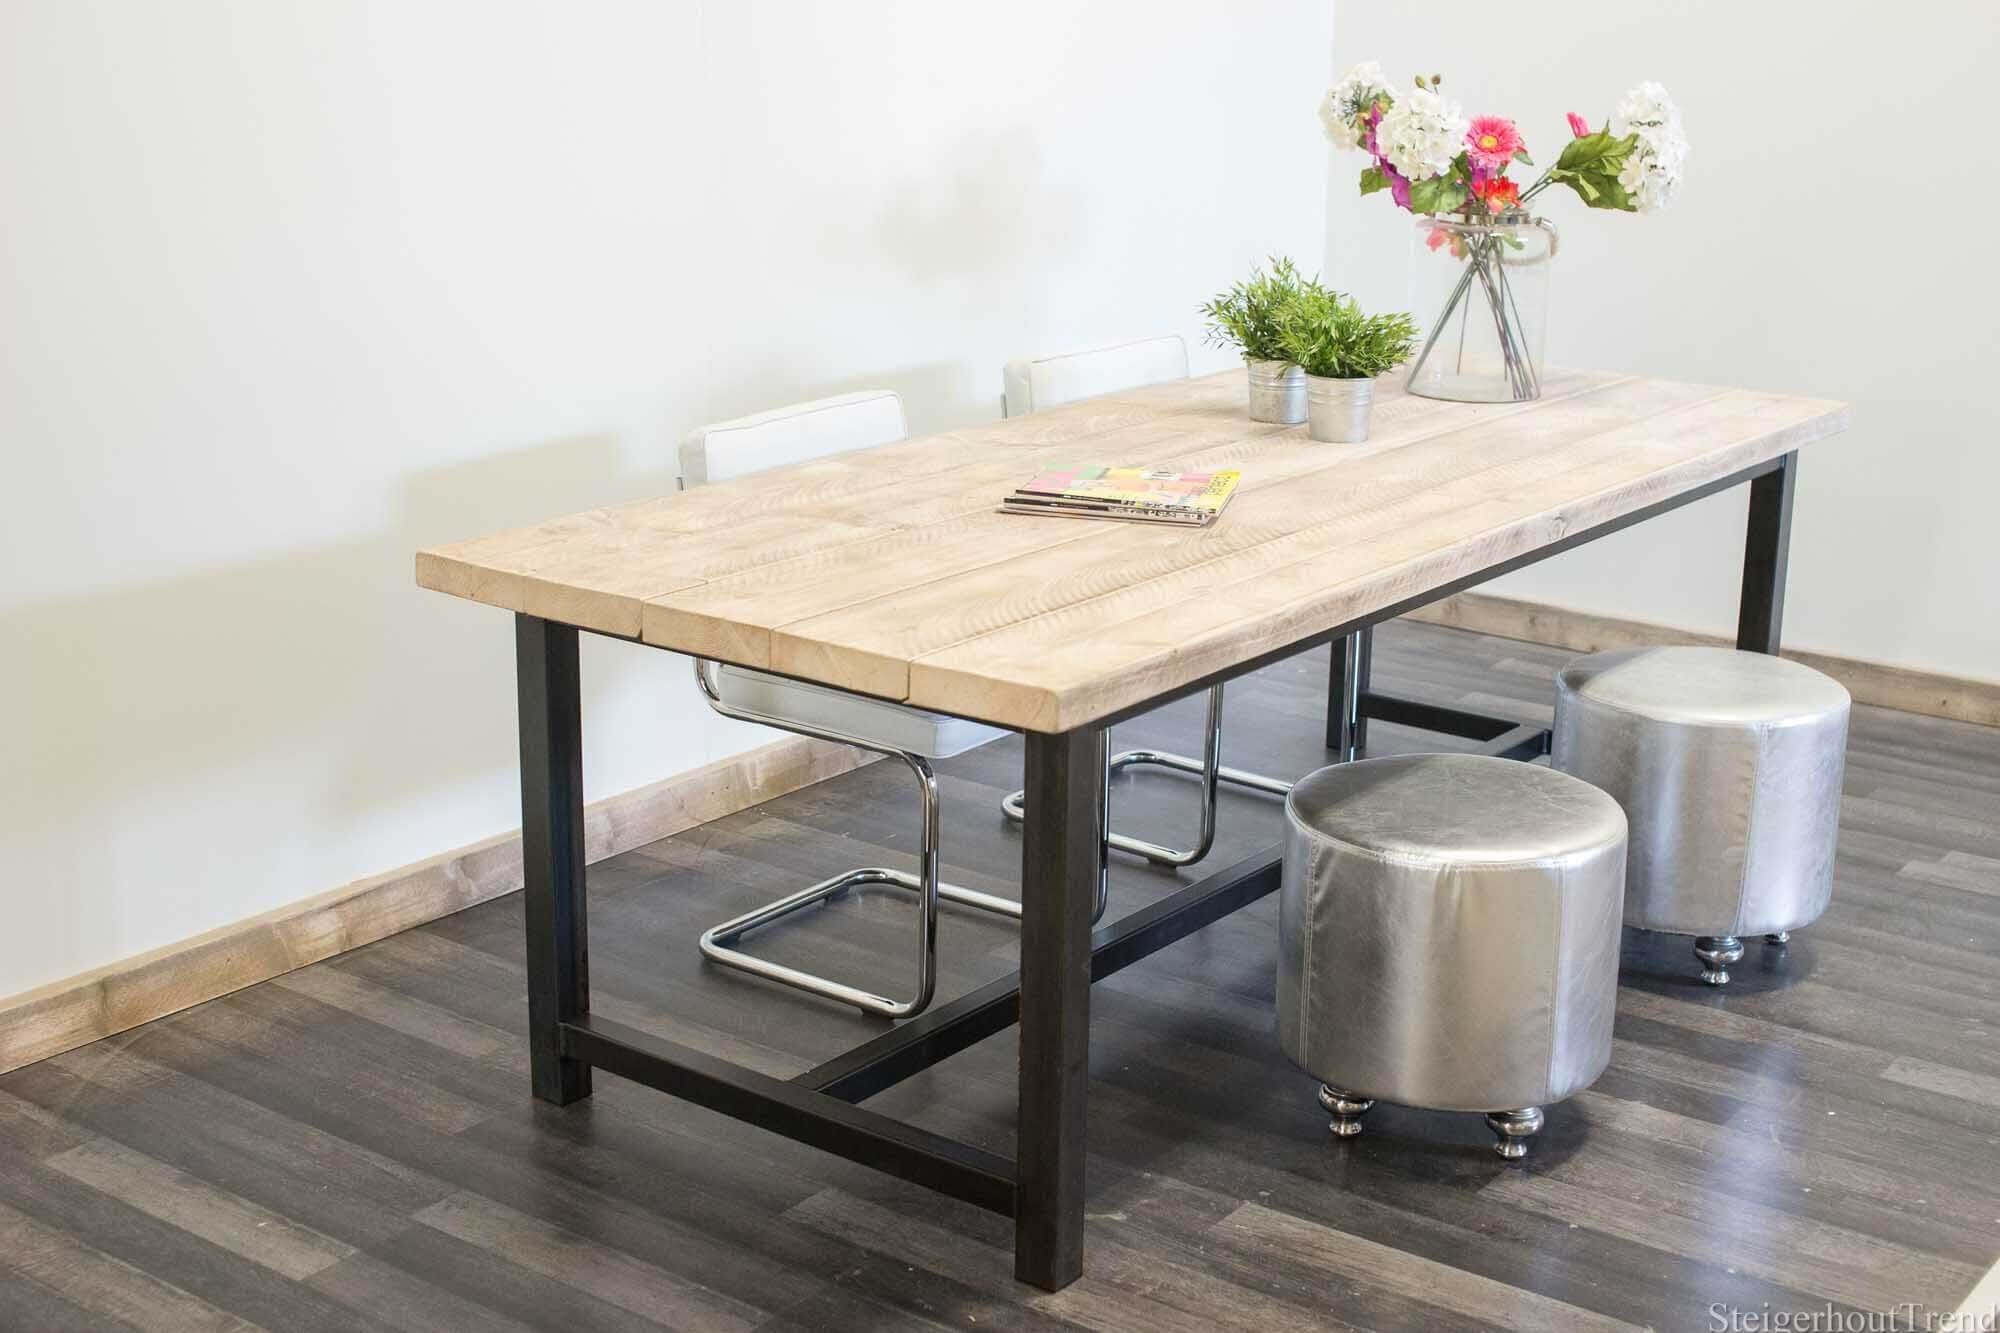 ... Alle producten u203a Industriu00eble tafels u203a Steigerhouten tafel Norman